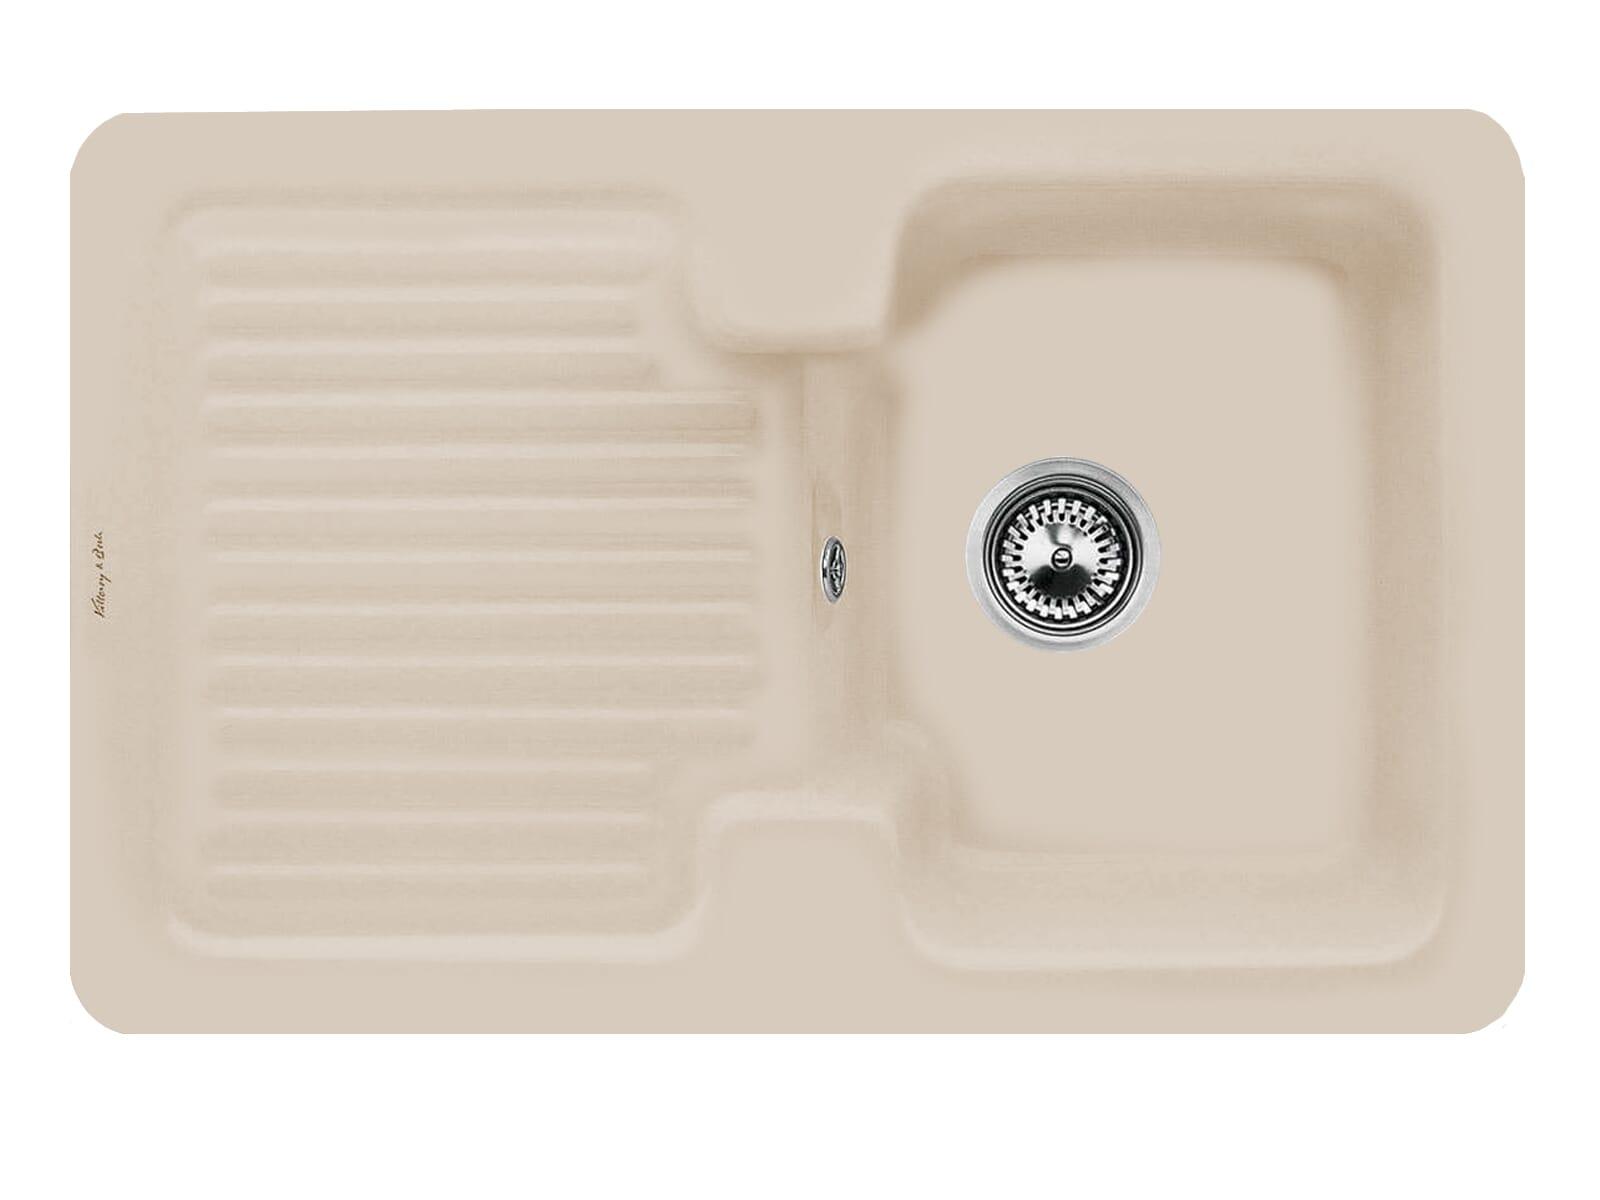 Villeroy & Boch Condor 45 Almond - 6745 01 AM Keramikspüle Handbetätigung